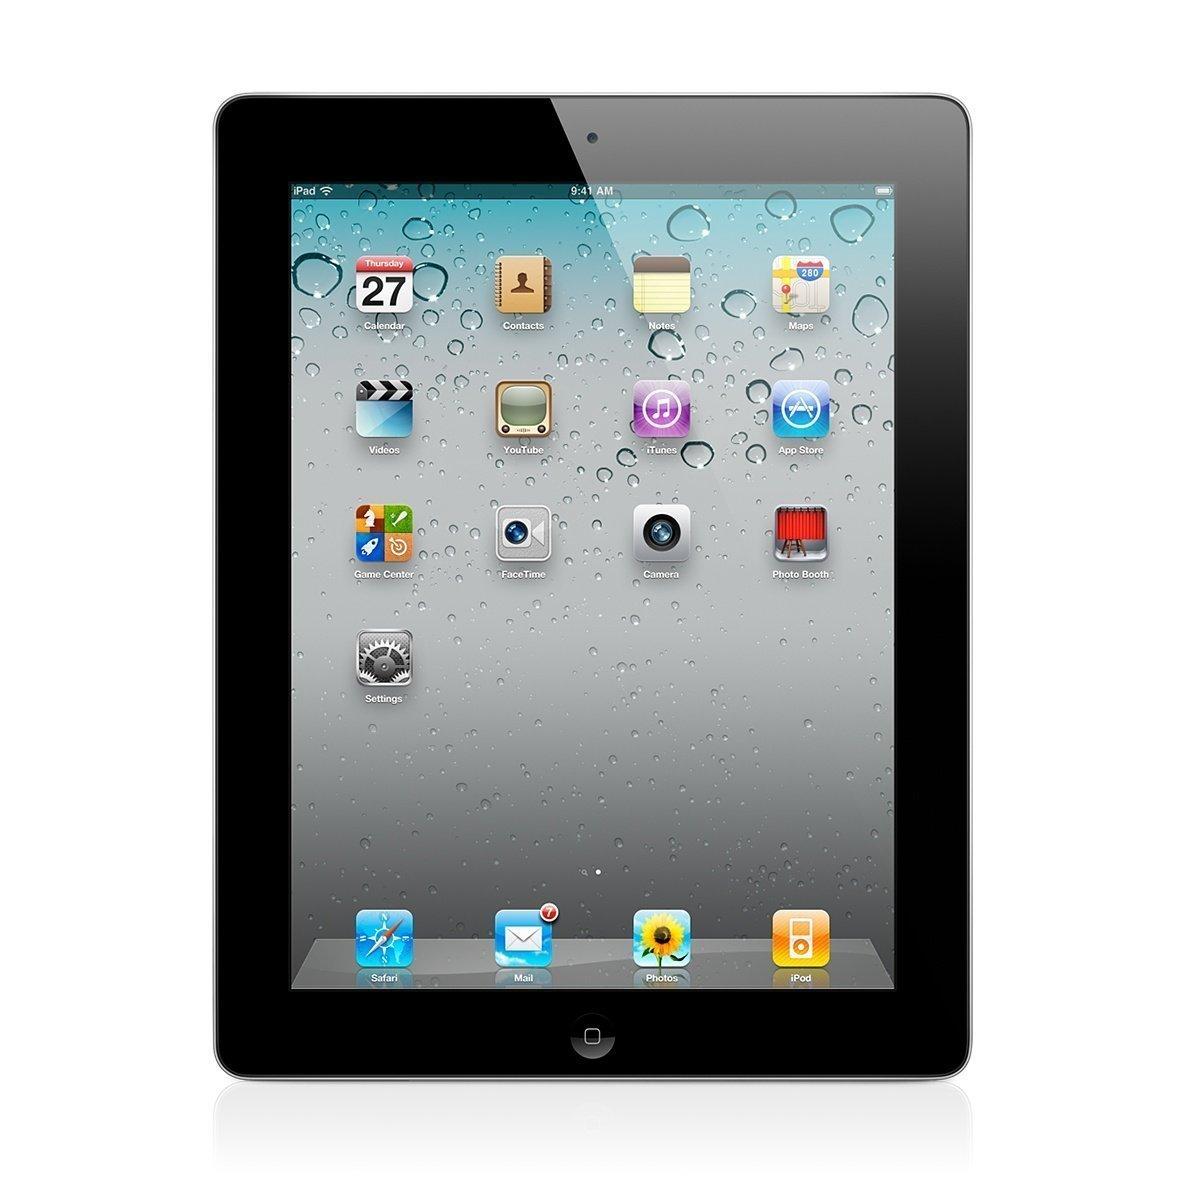 Apple iPad 2-16GB - WiFi - Space Gray (Certified Refurbished)